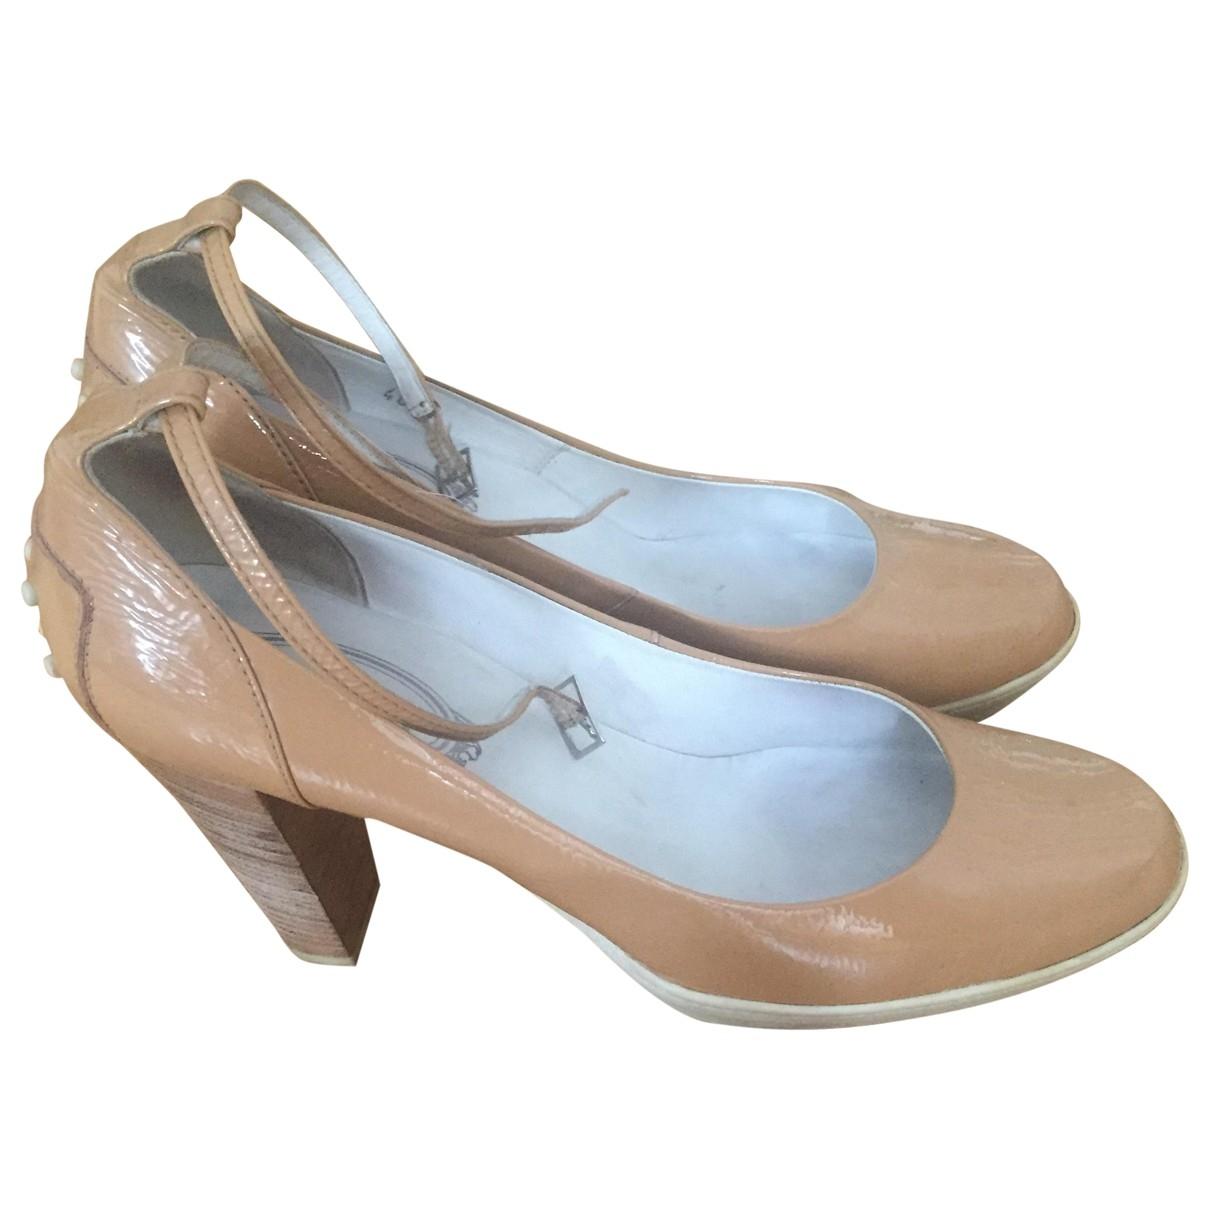 Tods - Escarpins   pour femme en cuir verni - beige